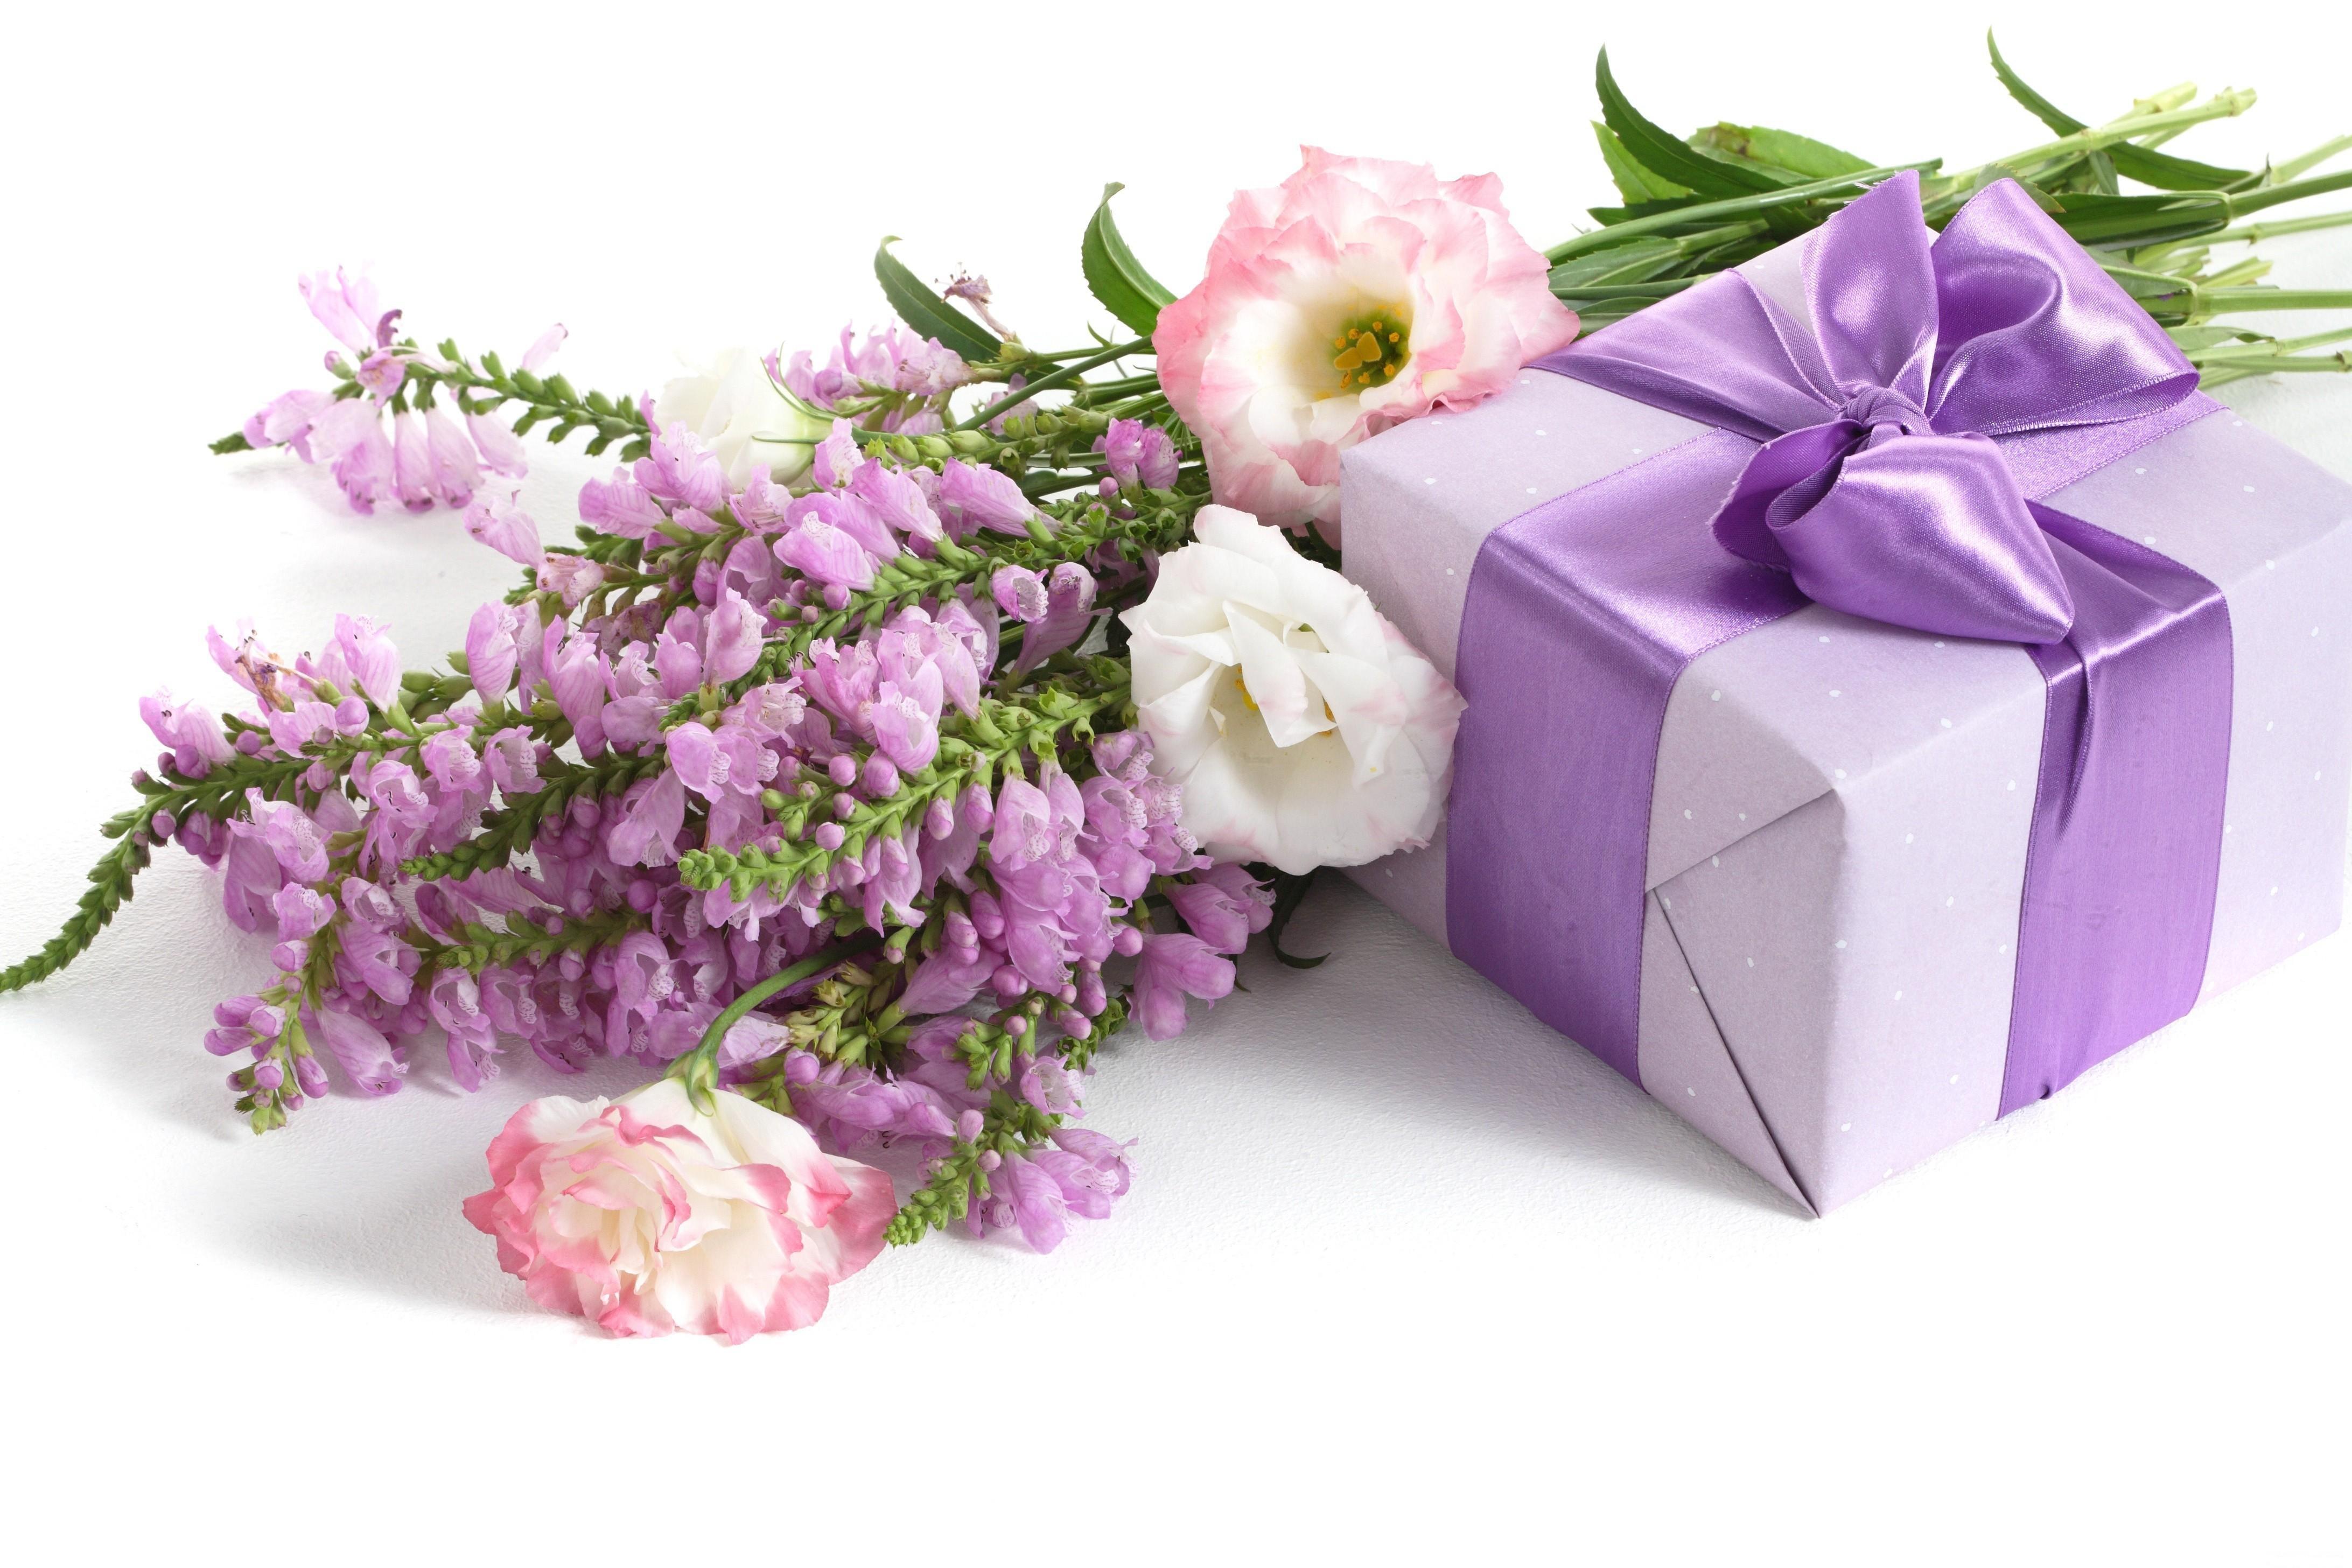 фото с цветами поздравляю пользователи социальных